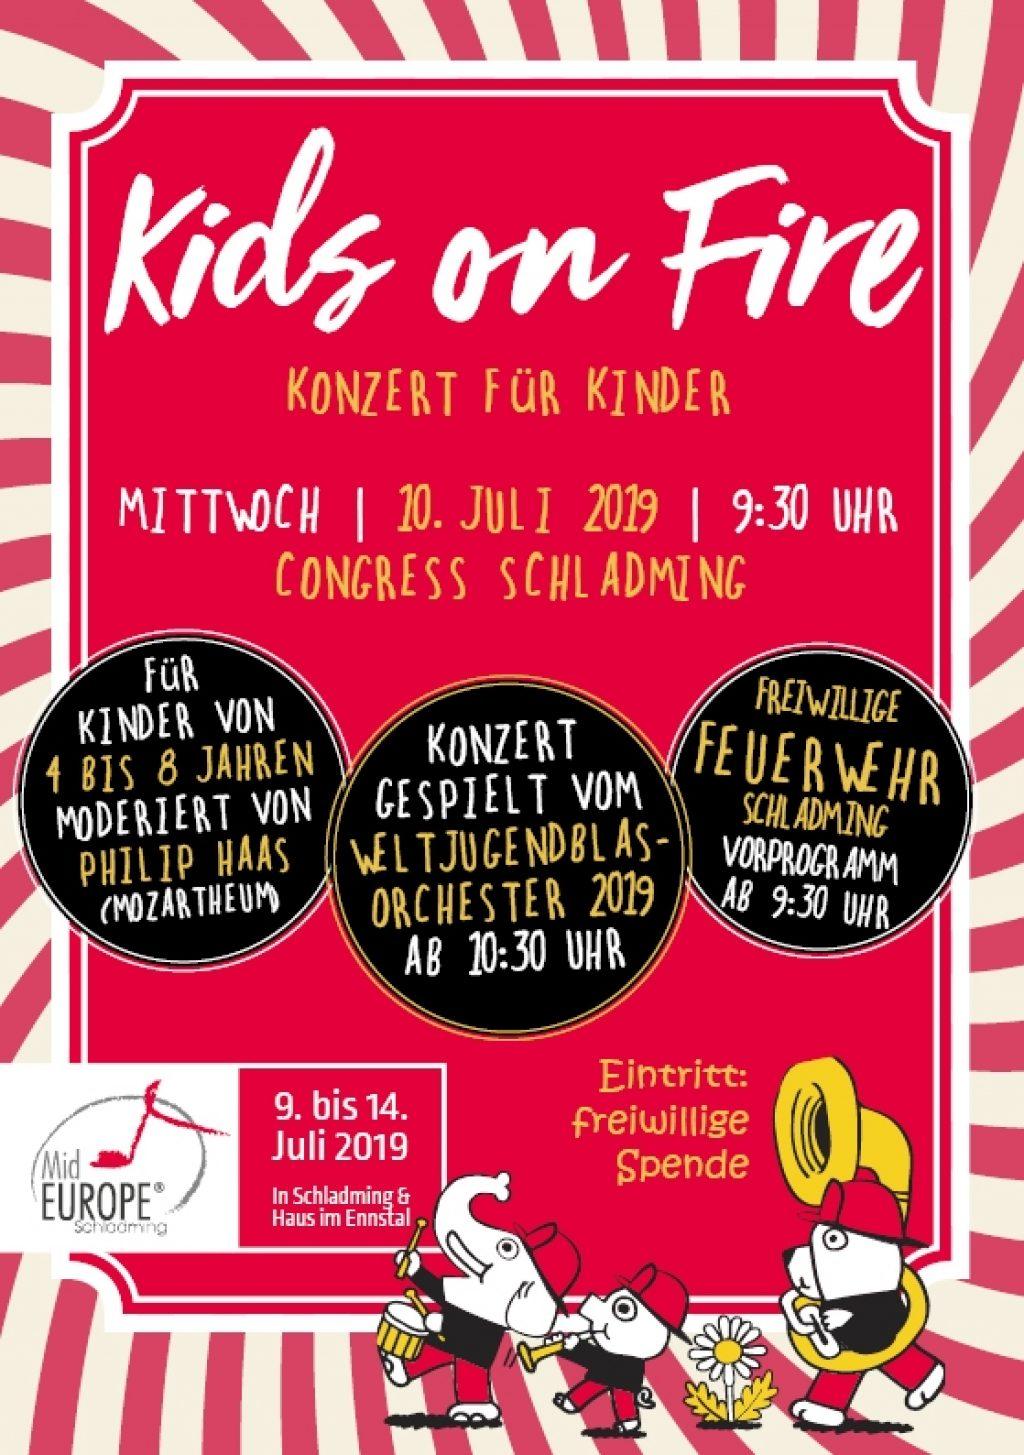 KIDS ON FIRE